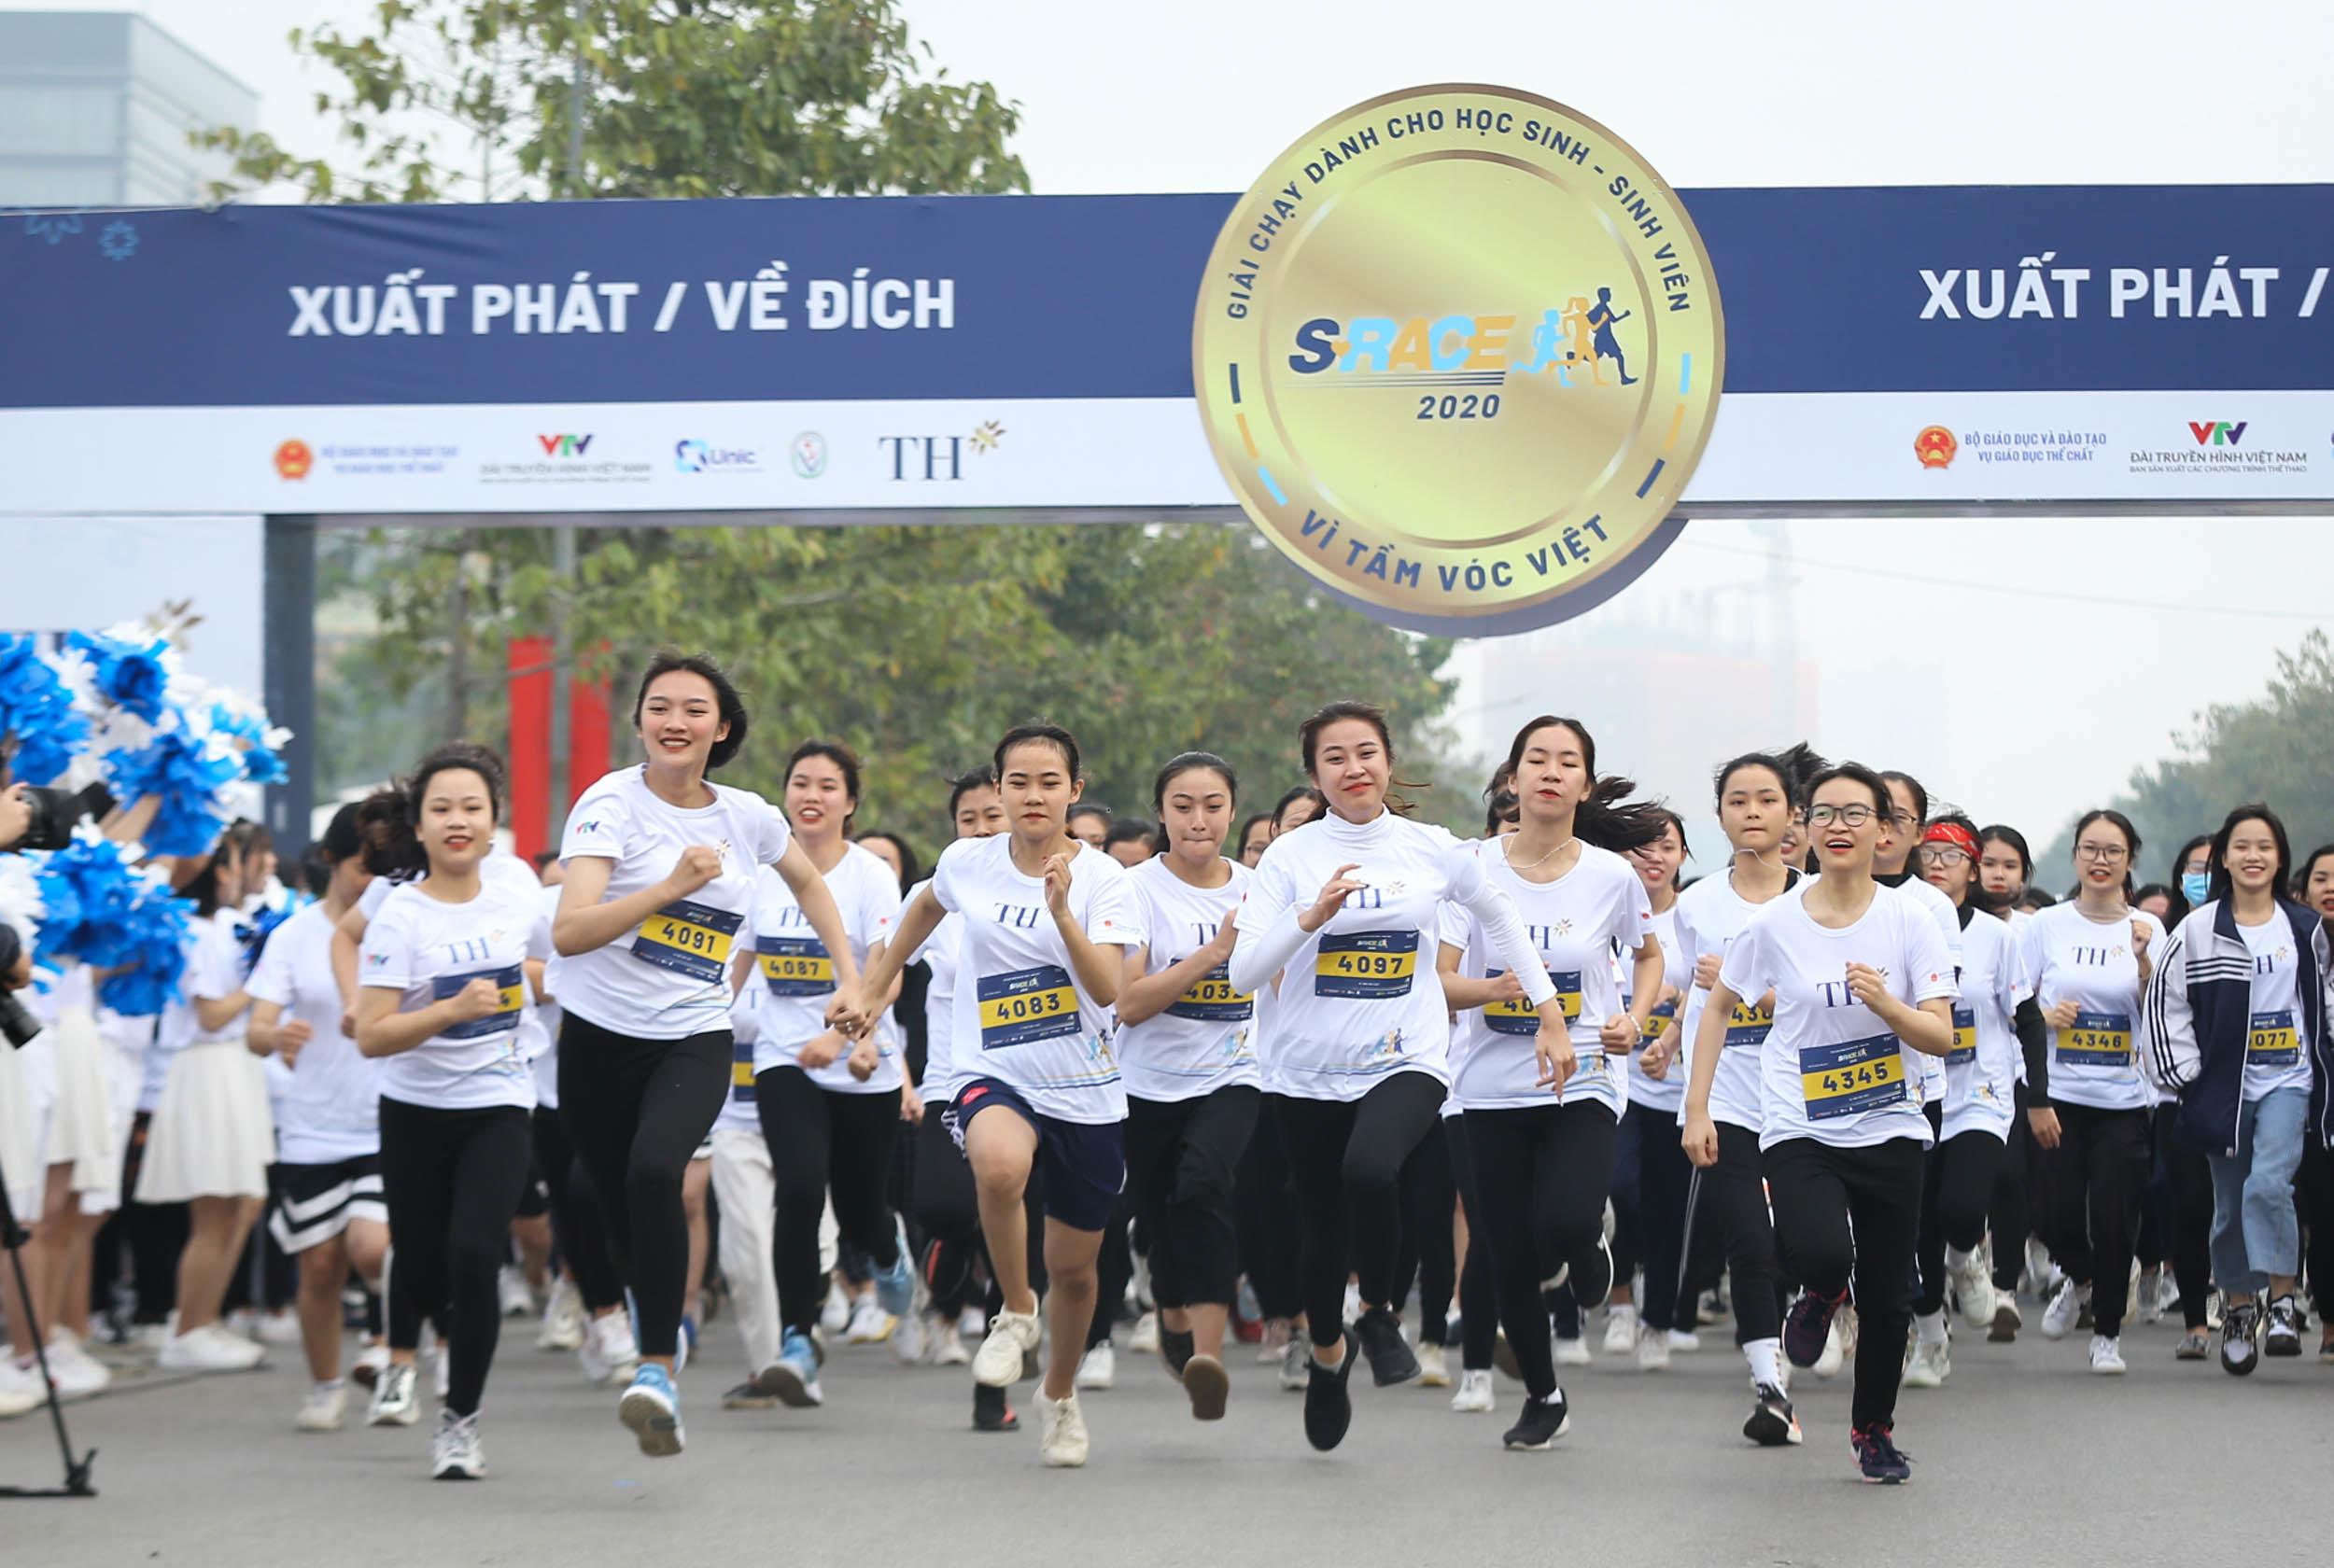 S-Race khởi đầu chuỗi hoạt động thể thao trường học